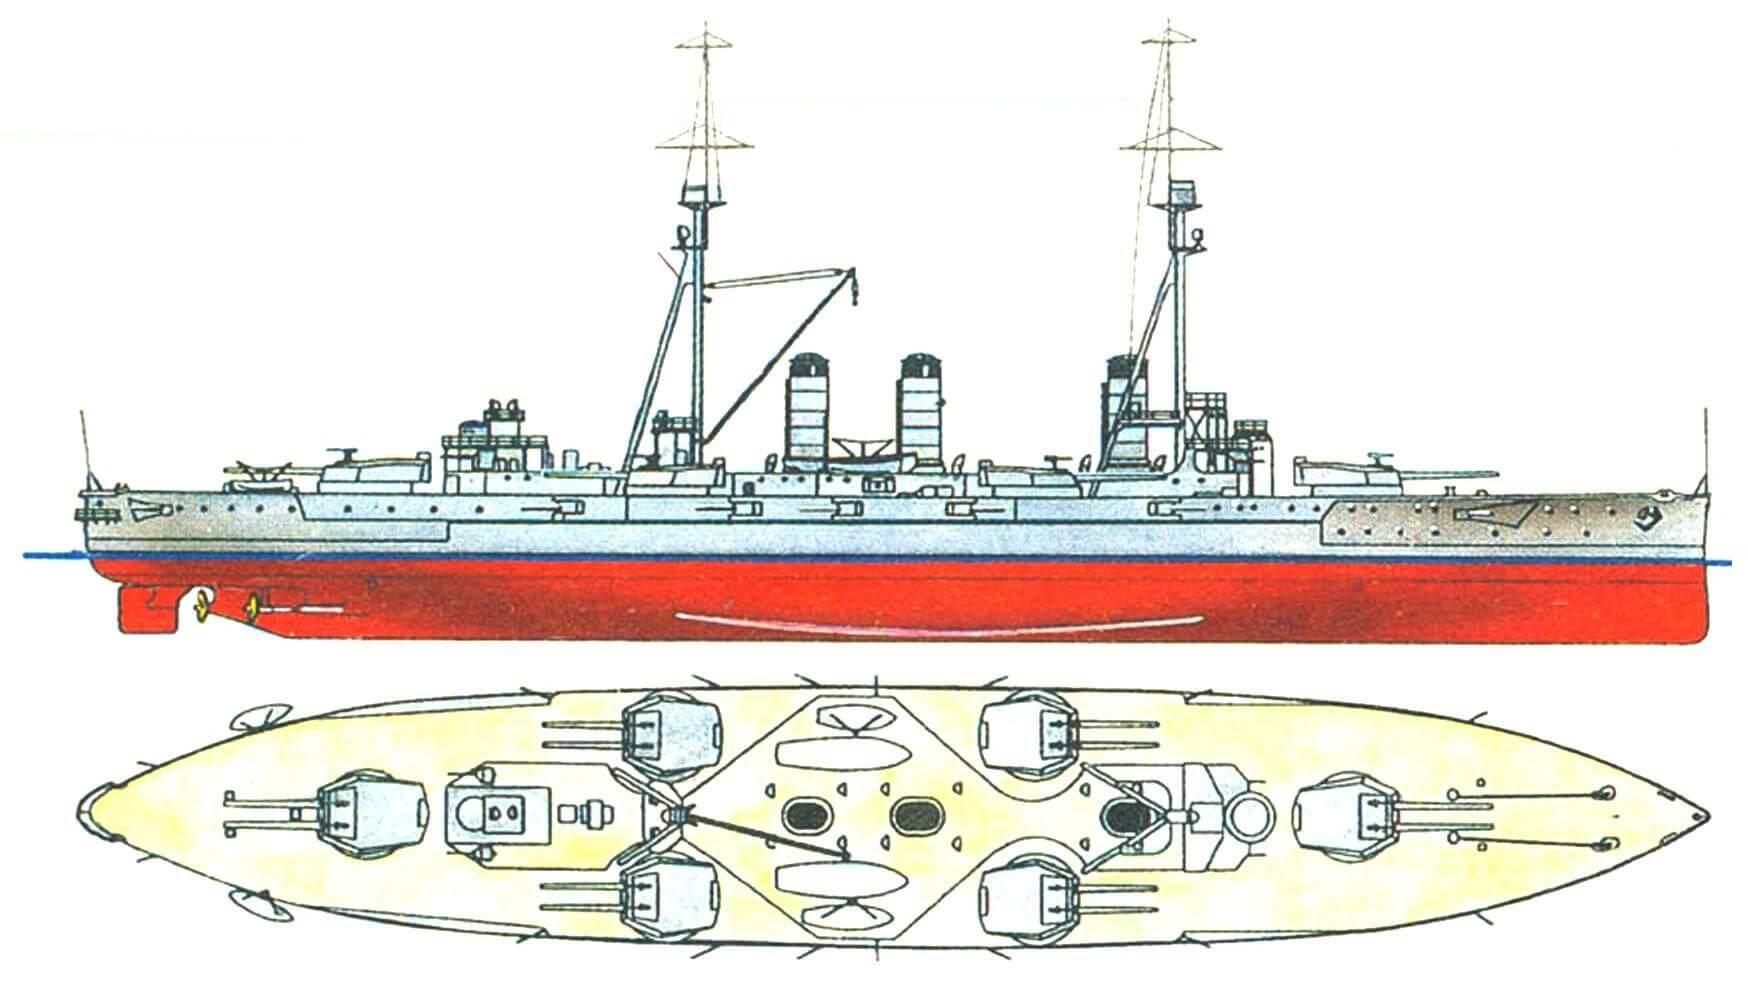 196. Линейный корабль «КАВАЧИ», Япония, 1912 г. Заложен в 1909 г., спущен на воду в 1910 г. Водоизмещение нормальное — 21 500 т, полное — 20 800 т. Длина наибольшая — 160,6 м, ширина — 25,7 м, осадка — 8,4 м. Мощность турбин — 25 000 л.с., скорость — 20 узлов. Броня: главный пояс в центральной части — 305— 203 мм, в оконечностях — 102 мм, верхний пояс — 203 мм, каземат вспомогательной артиллерии — 152 мм, башни и барбеты — 280 мм, броневая палуба — 51—31 мм, рубка — 254 мм. Вооружение: двенадцать 305-мм, десять 152-мм, восемь 120-мм и шестнадцать 80-мм (в том числе четыре зенитных) орудий. Всего построено два корабля: «Кавачи» и «Сетцу» (1912 г.).